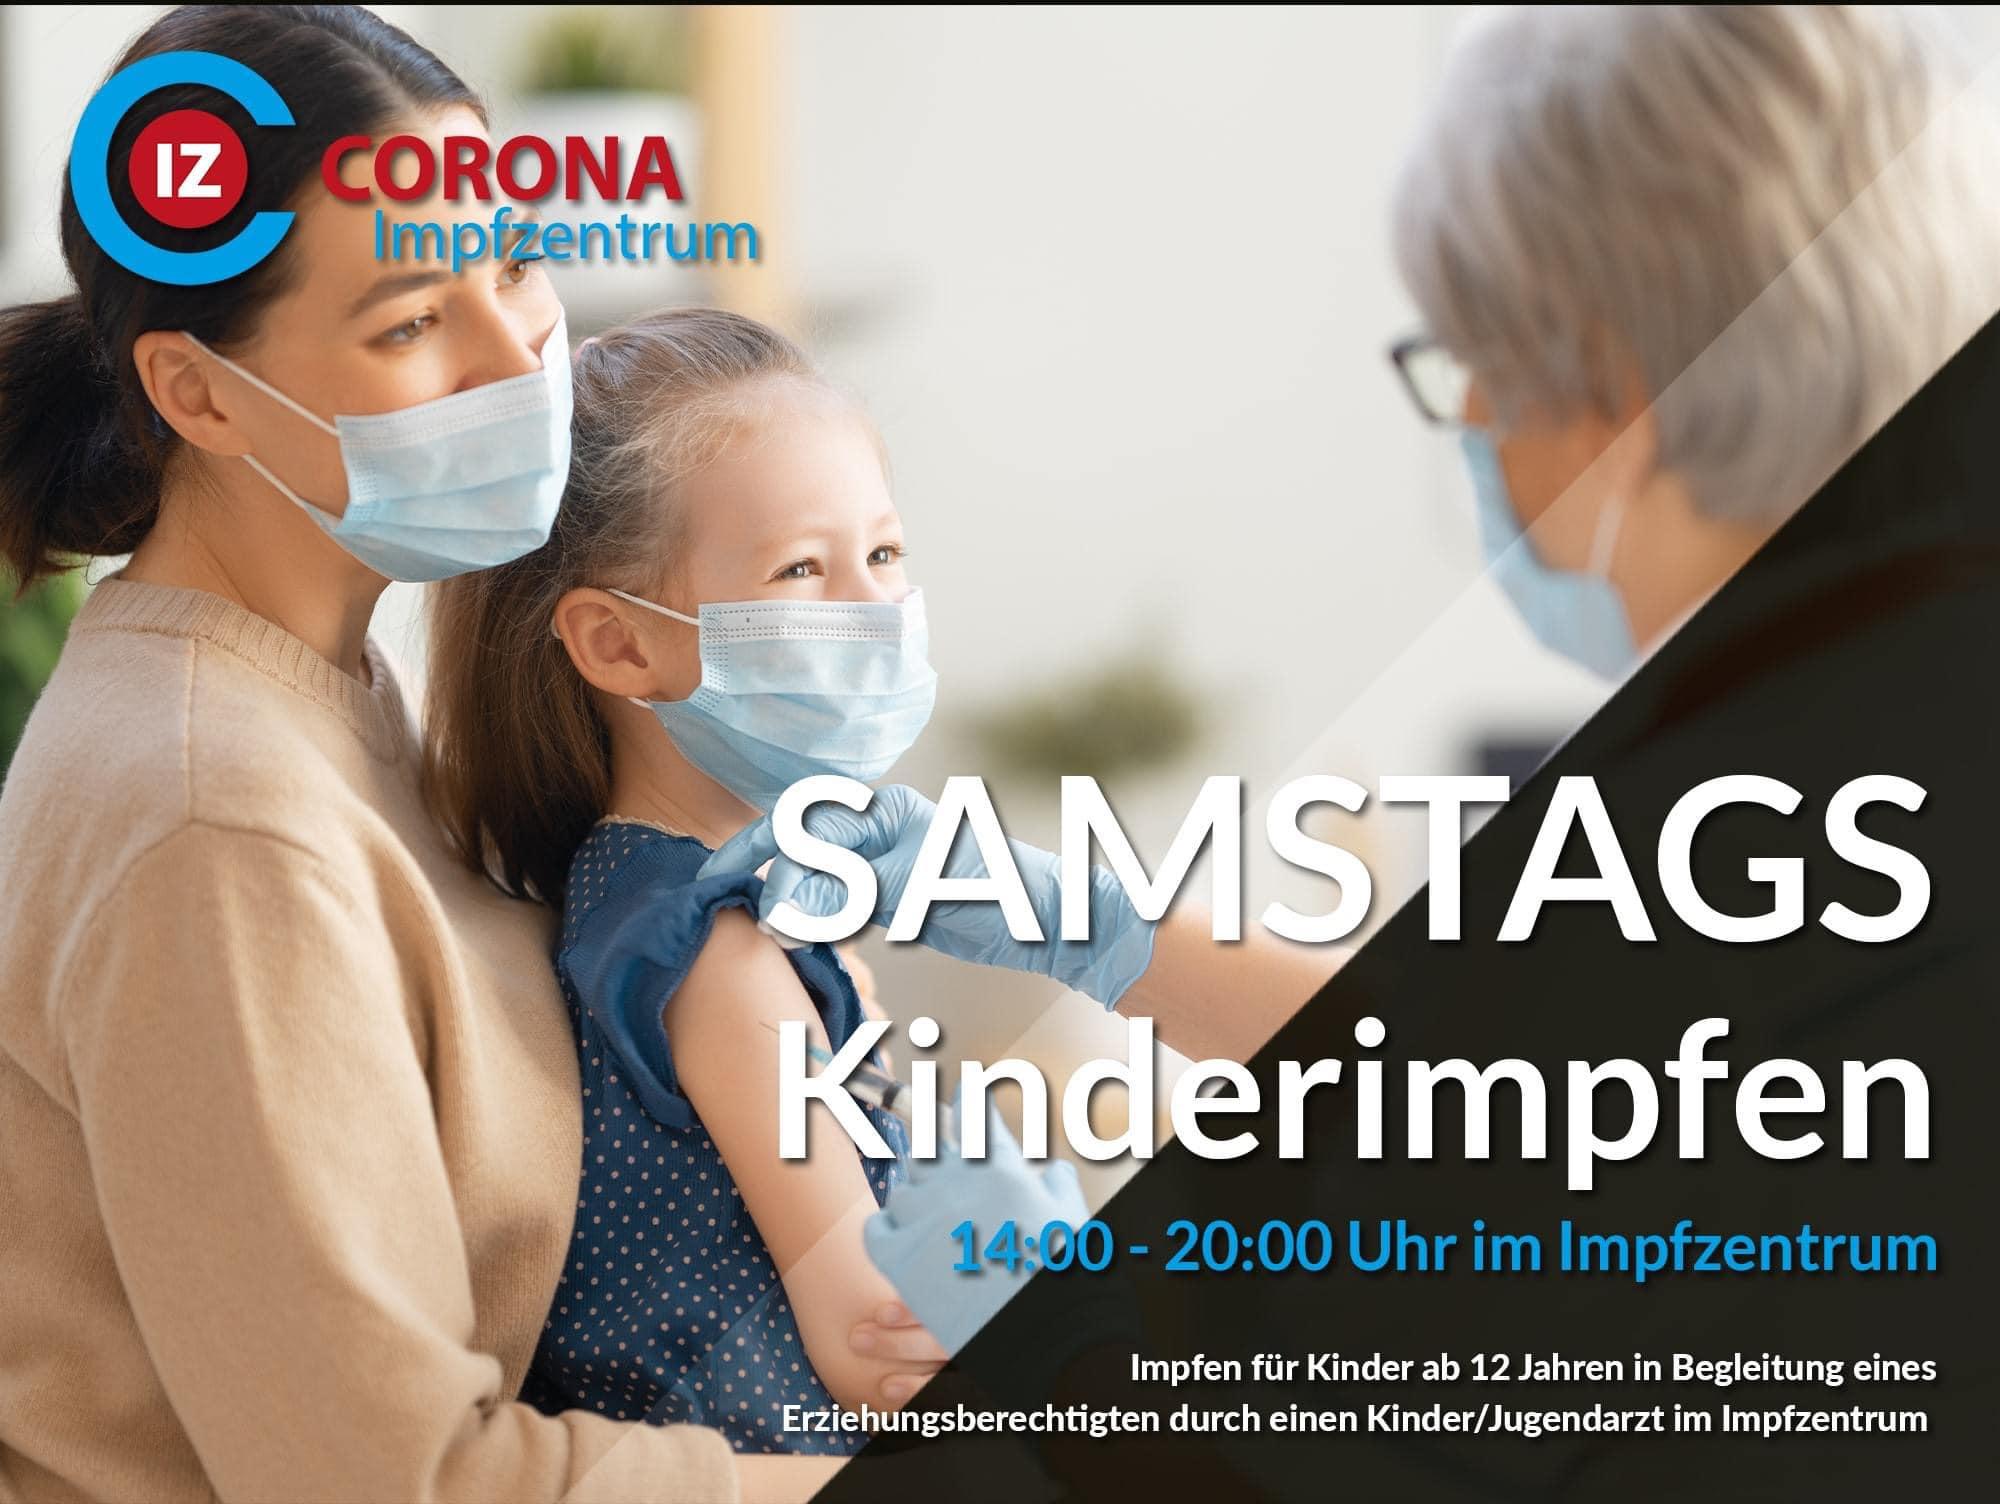 Neue Öffnungszeiten und Impfangebot für Kinder ab 12 im Impfzentrum